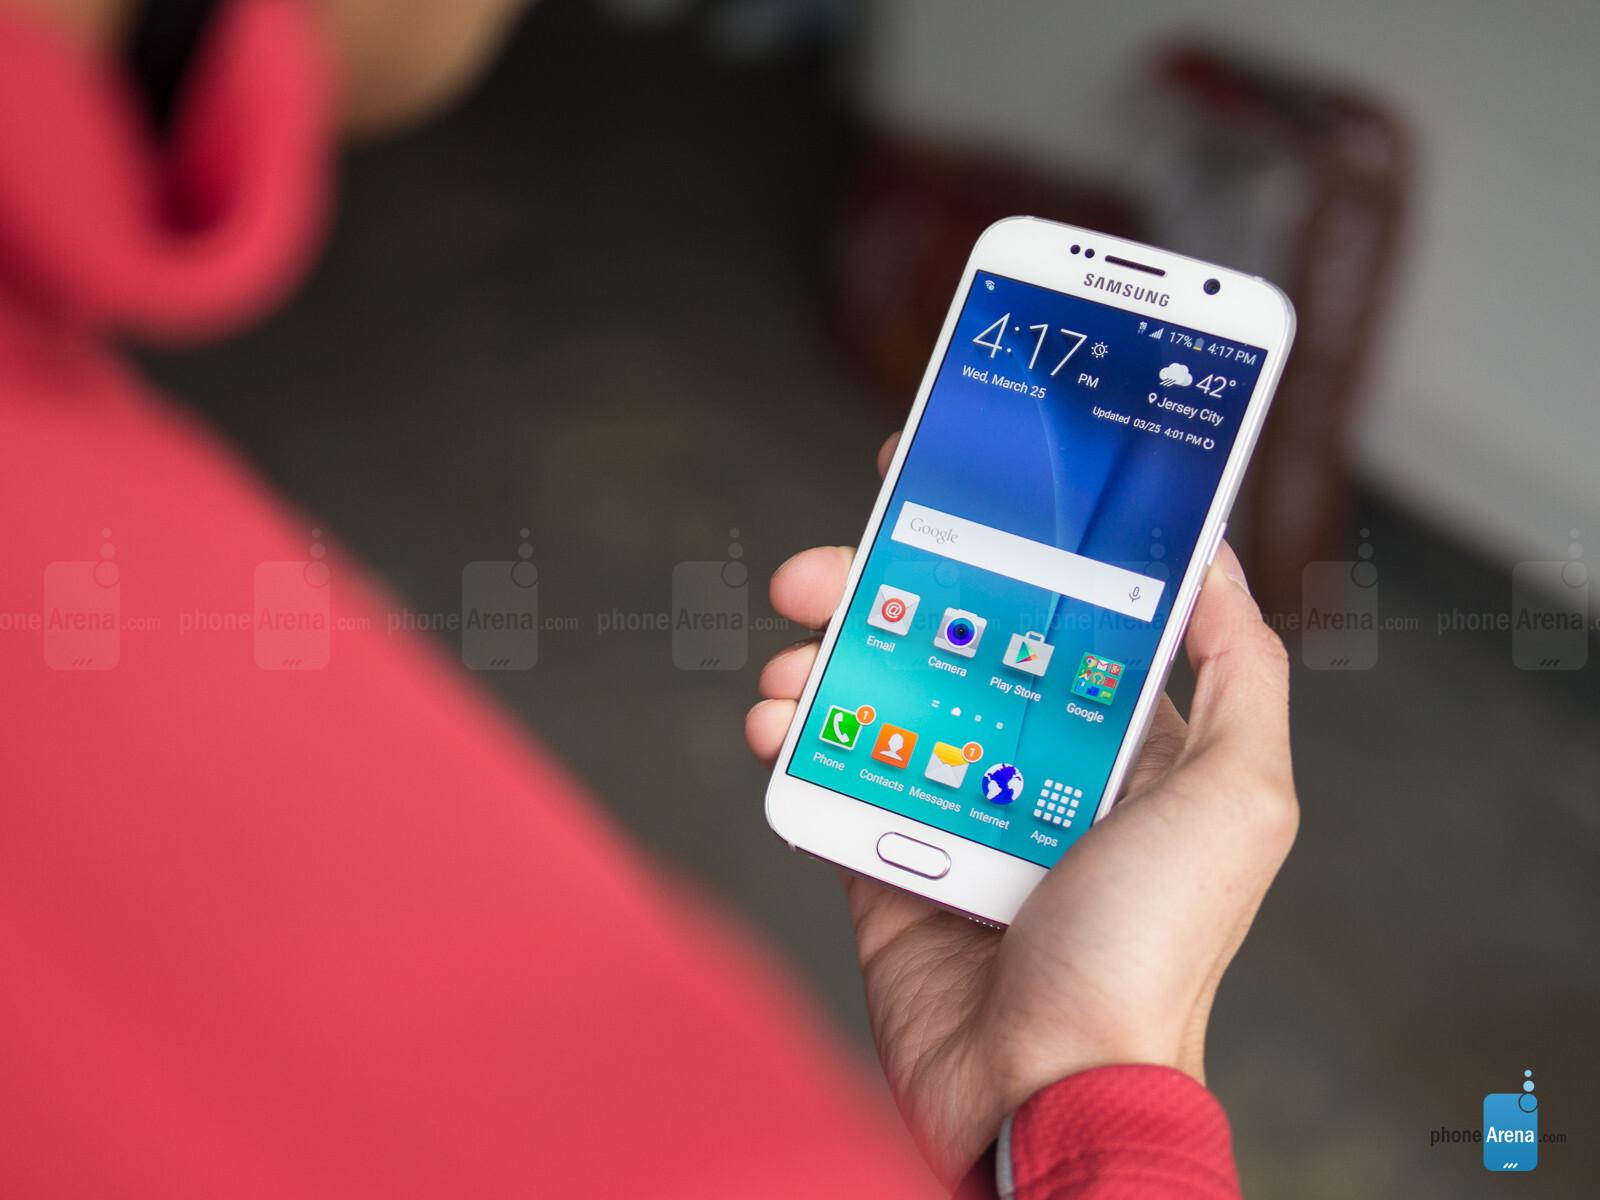 معرفی 7 گوشی هوشمند پیشرفته که با سیستم شارژ بی سیم ساخته شده اند